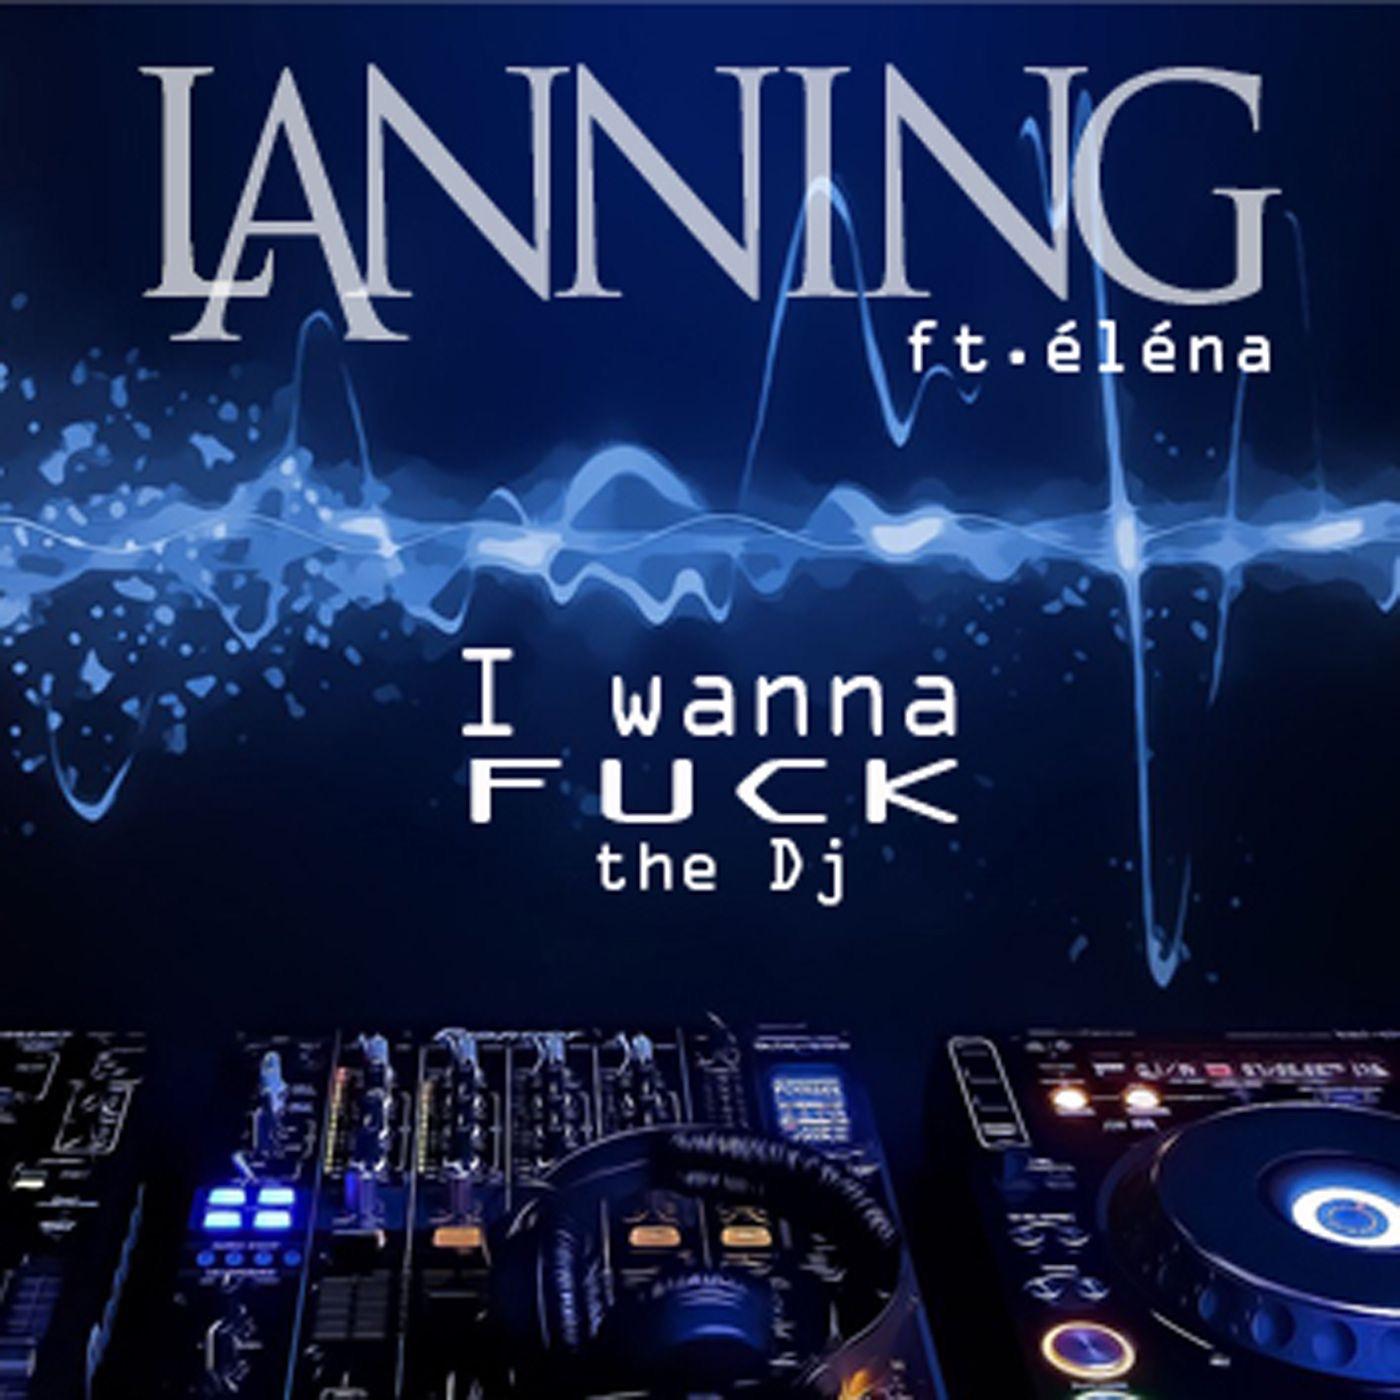 I Wanna F**k The DJ (feat. Elena) - Single